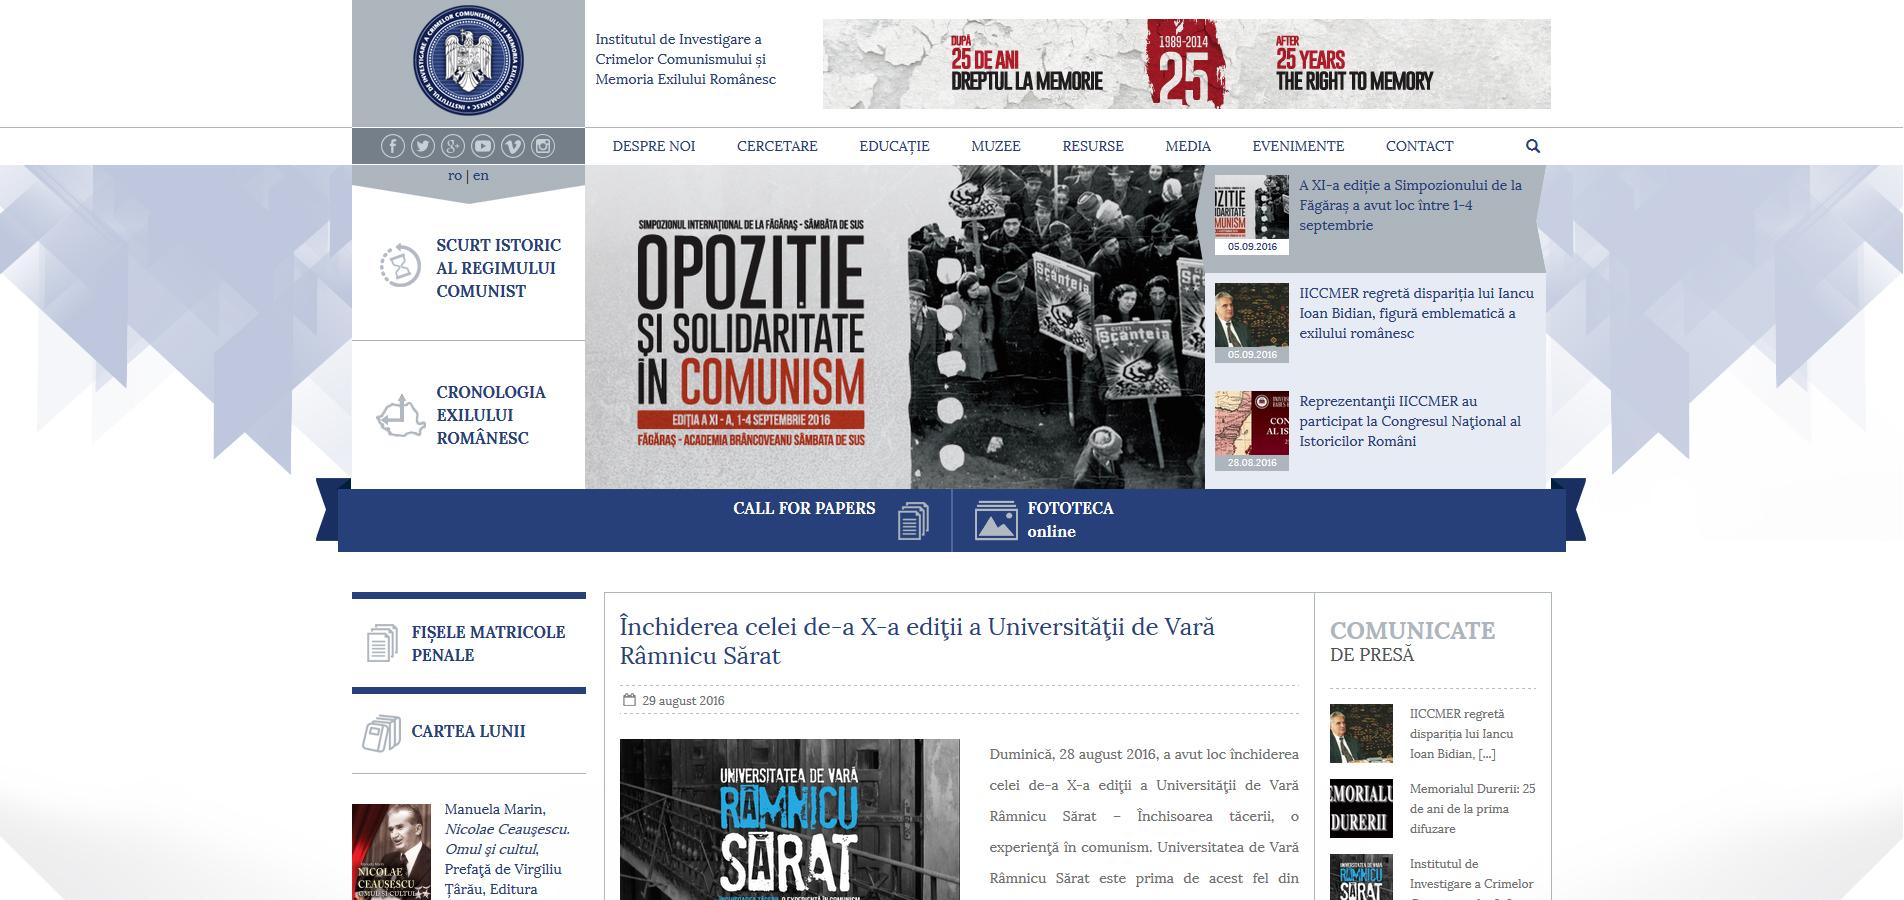 institutul-de-investigare-a-crimelor-comunismului-si-memoria-exilului-romanesc